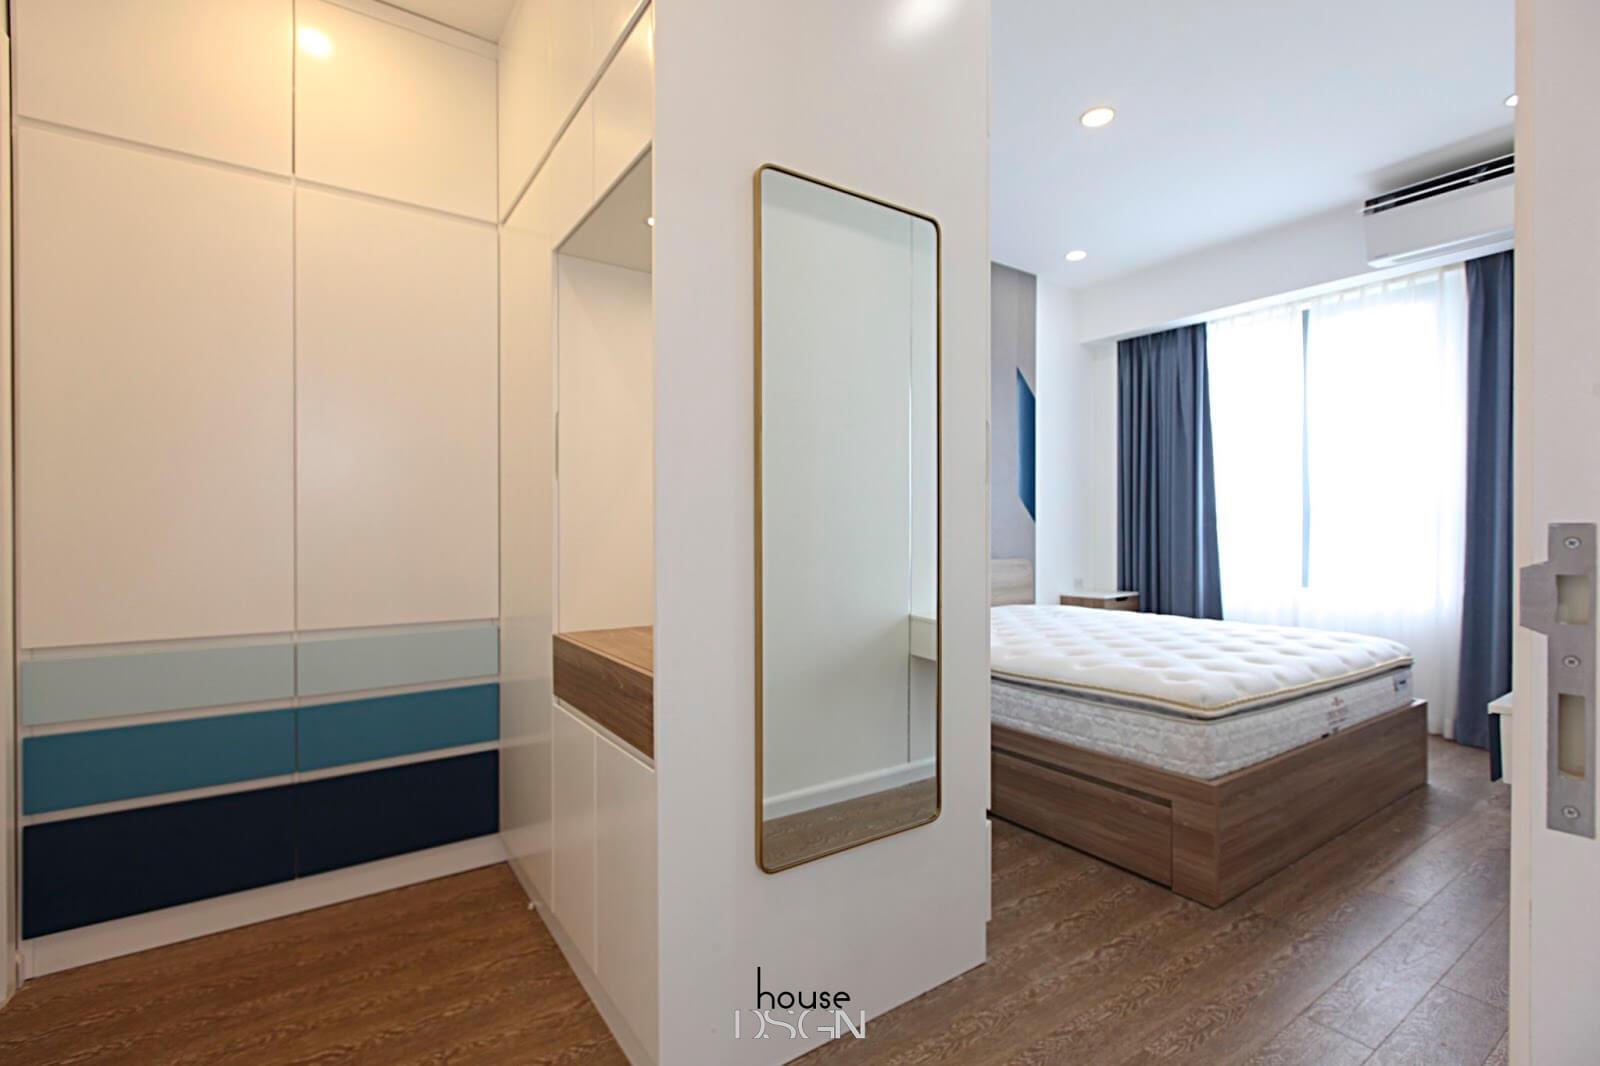 thiết kế mẫu phòng ngủ phong cách bắc âu